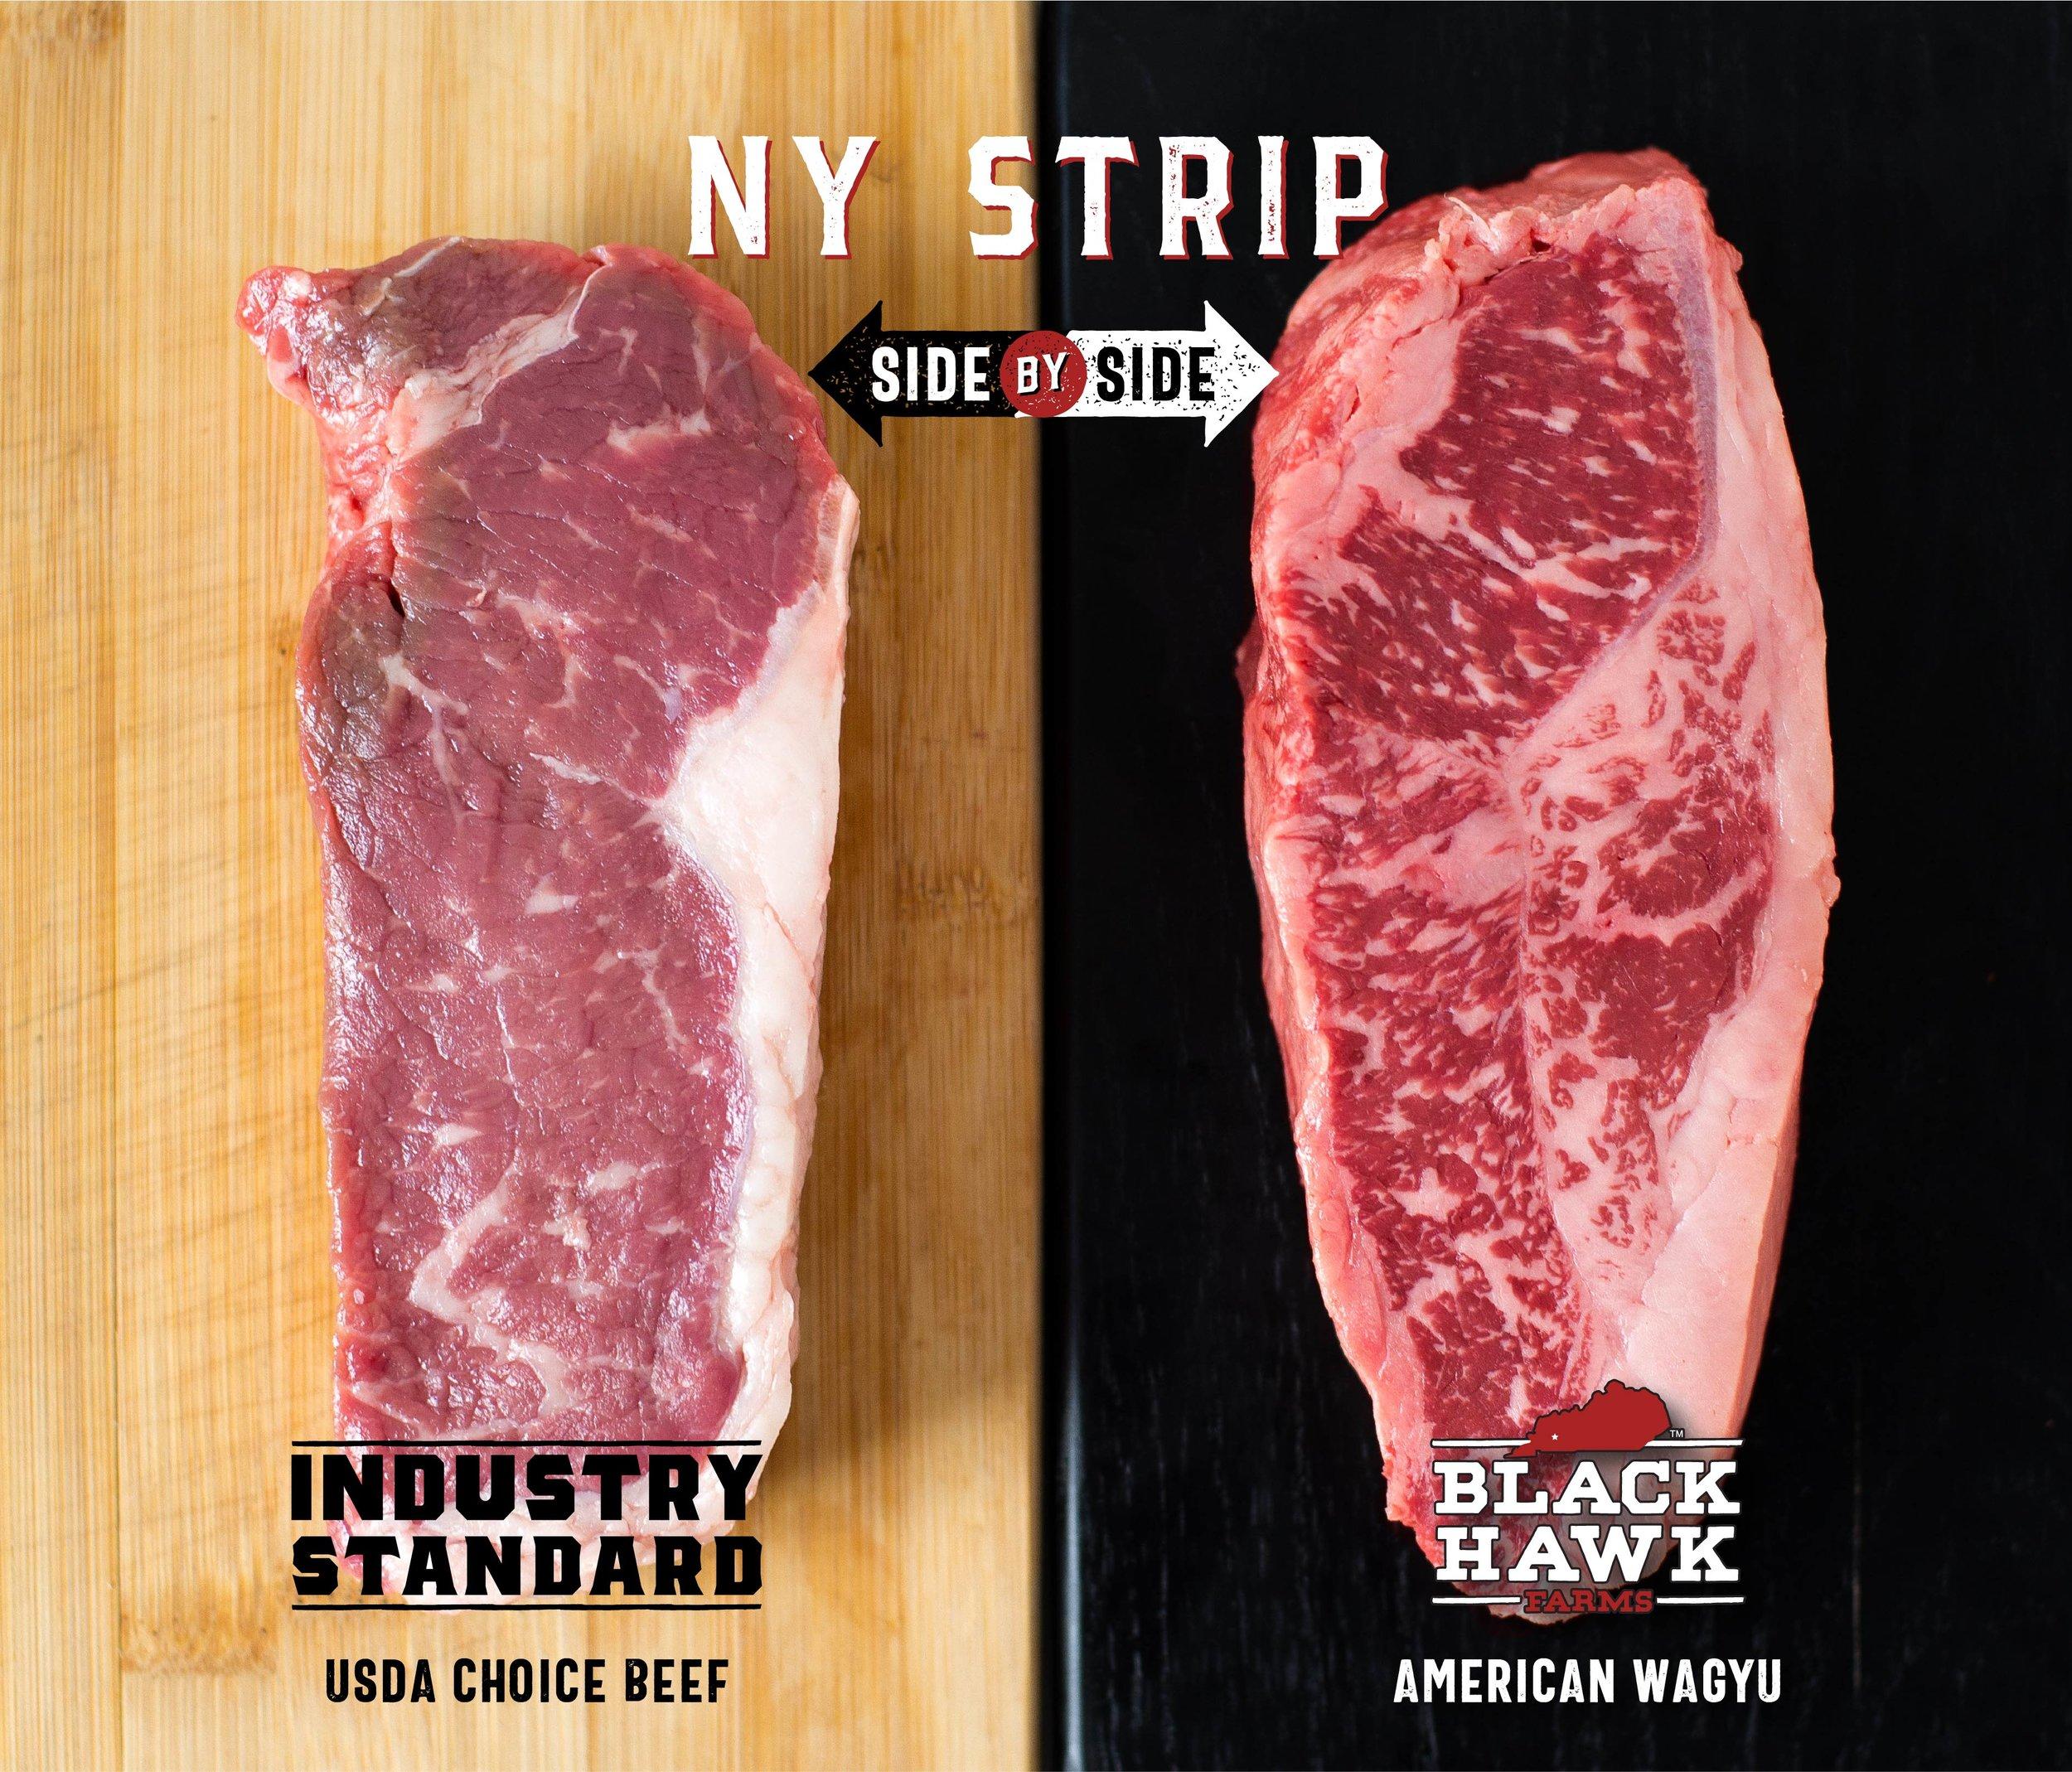 Black Hawk American Waygu Beef NY Strip Comparison-01 (1).jpg